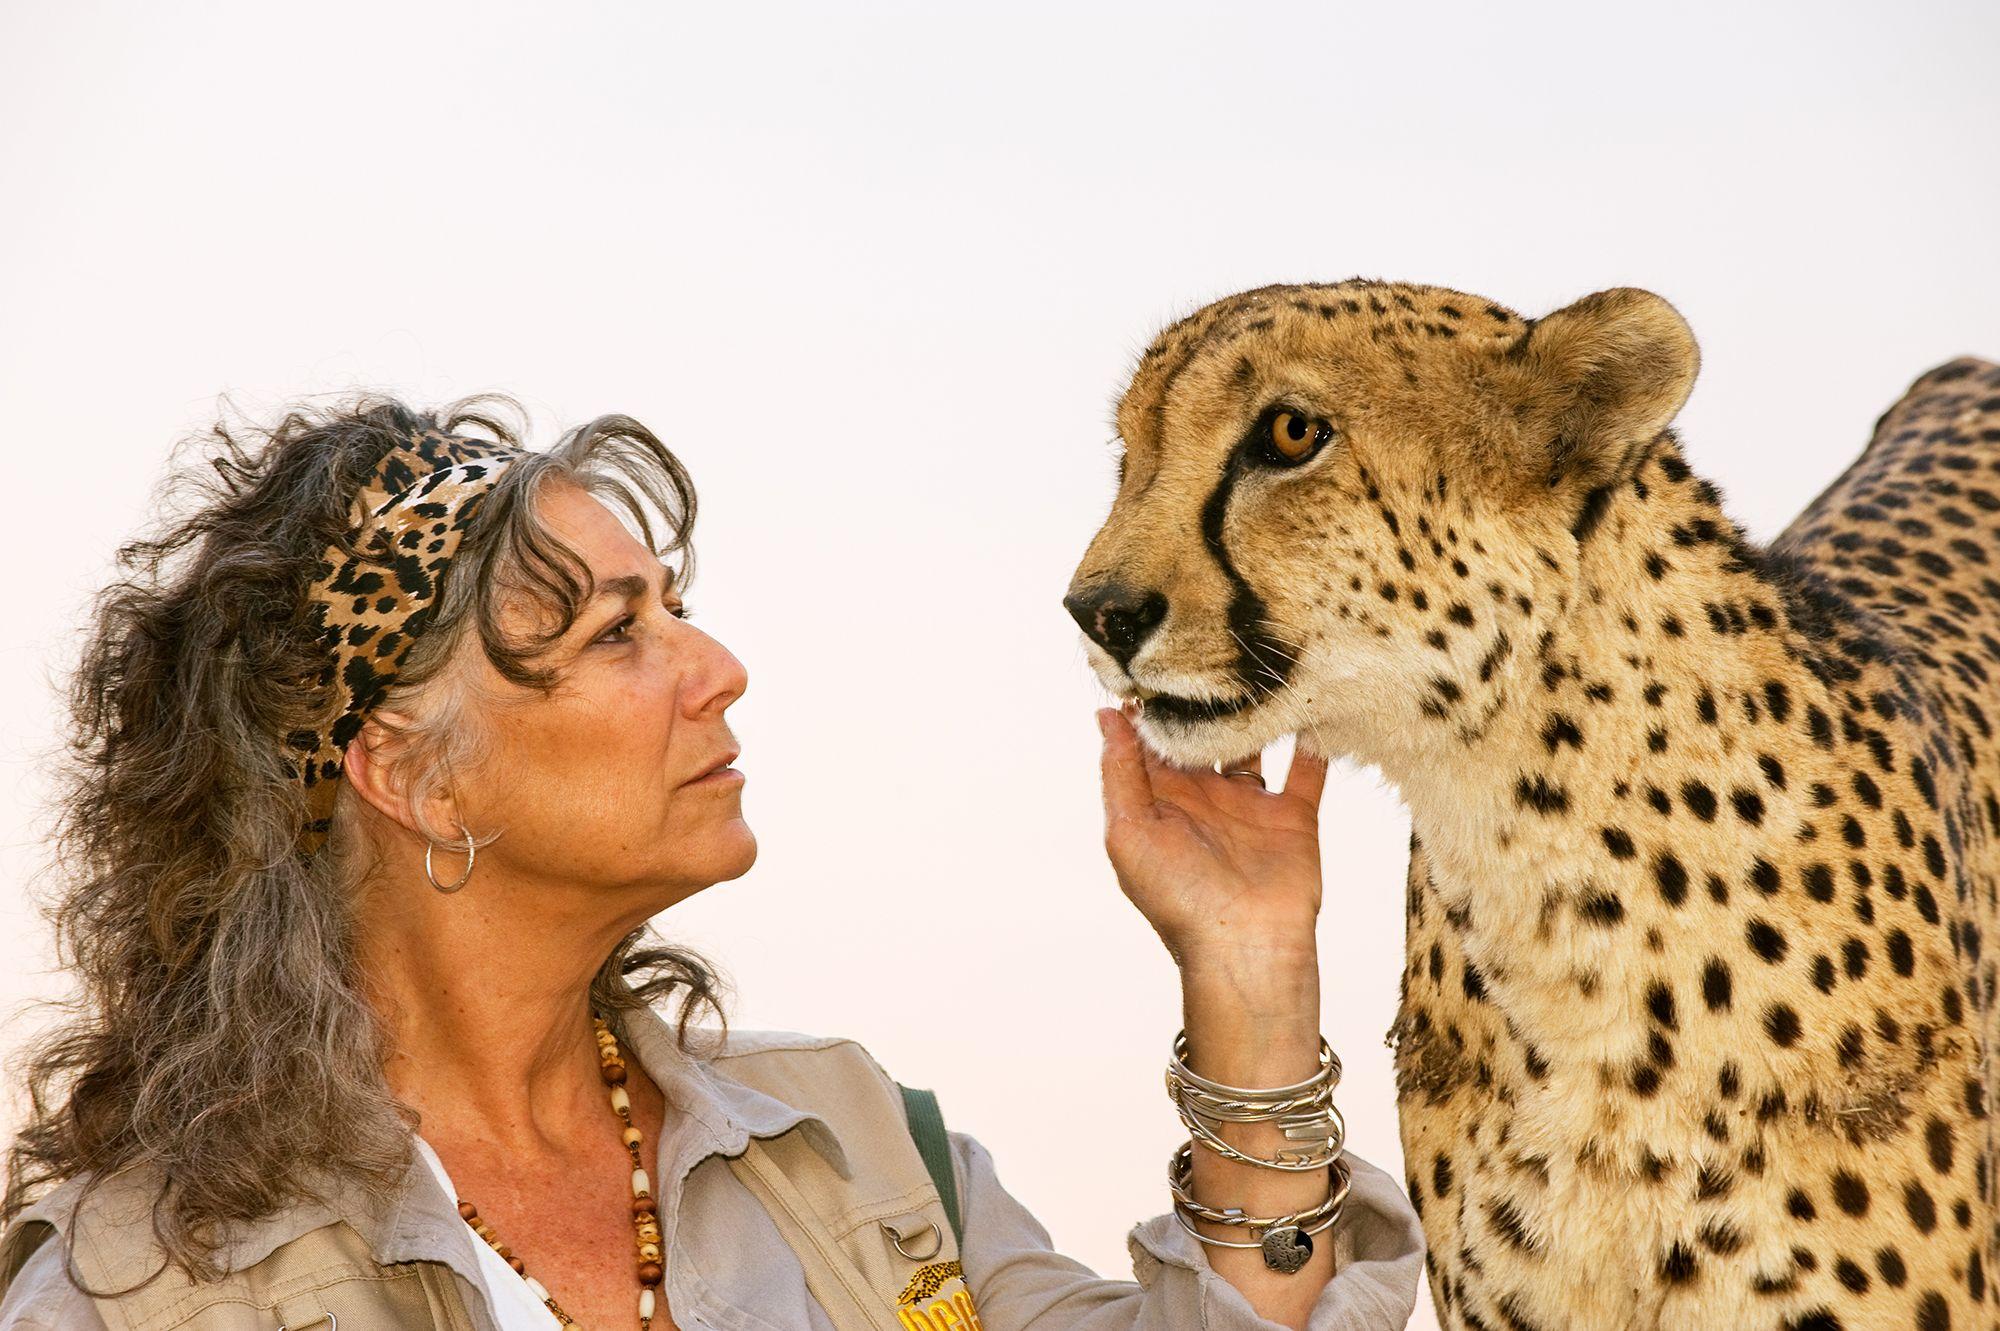 La sopravvivenza dei ghepardi è una corsa contro il tempo: parola di Laurie Marker